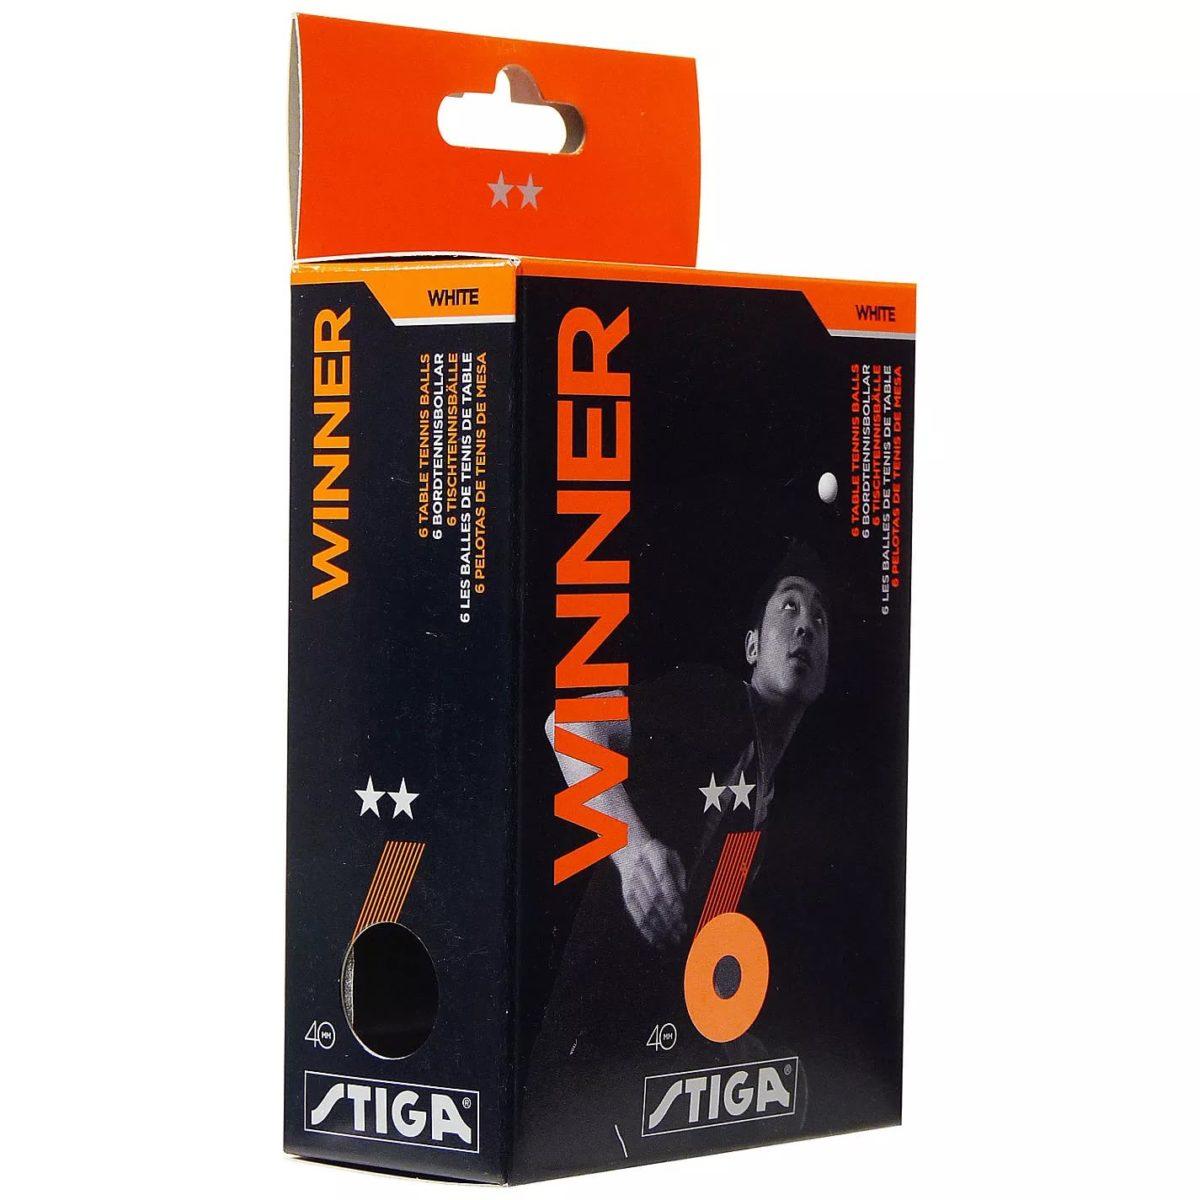 STIGA Winner 2** Мяч для настольного тенниса  5150-06 - 1